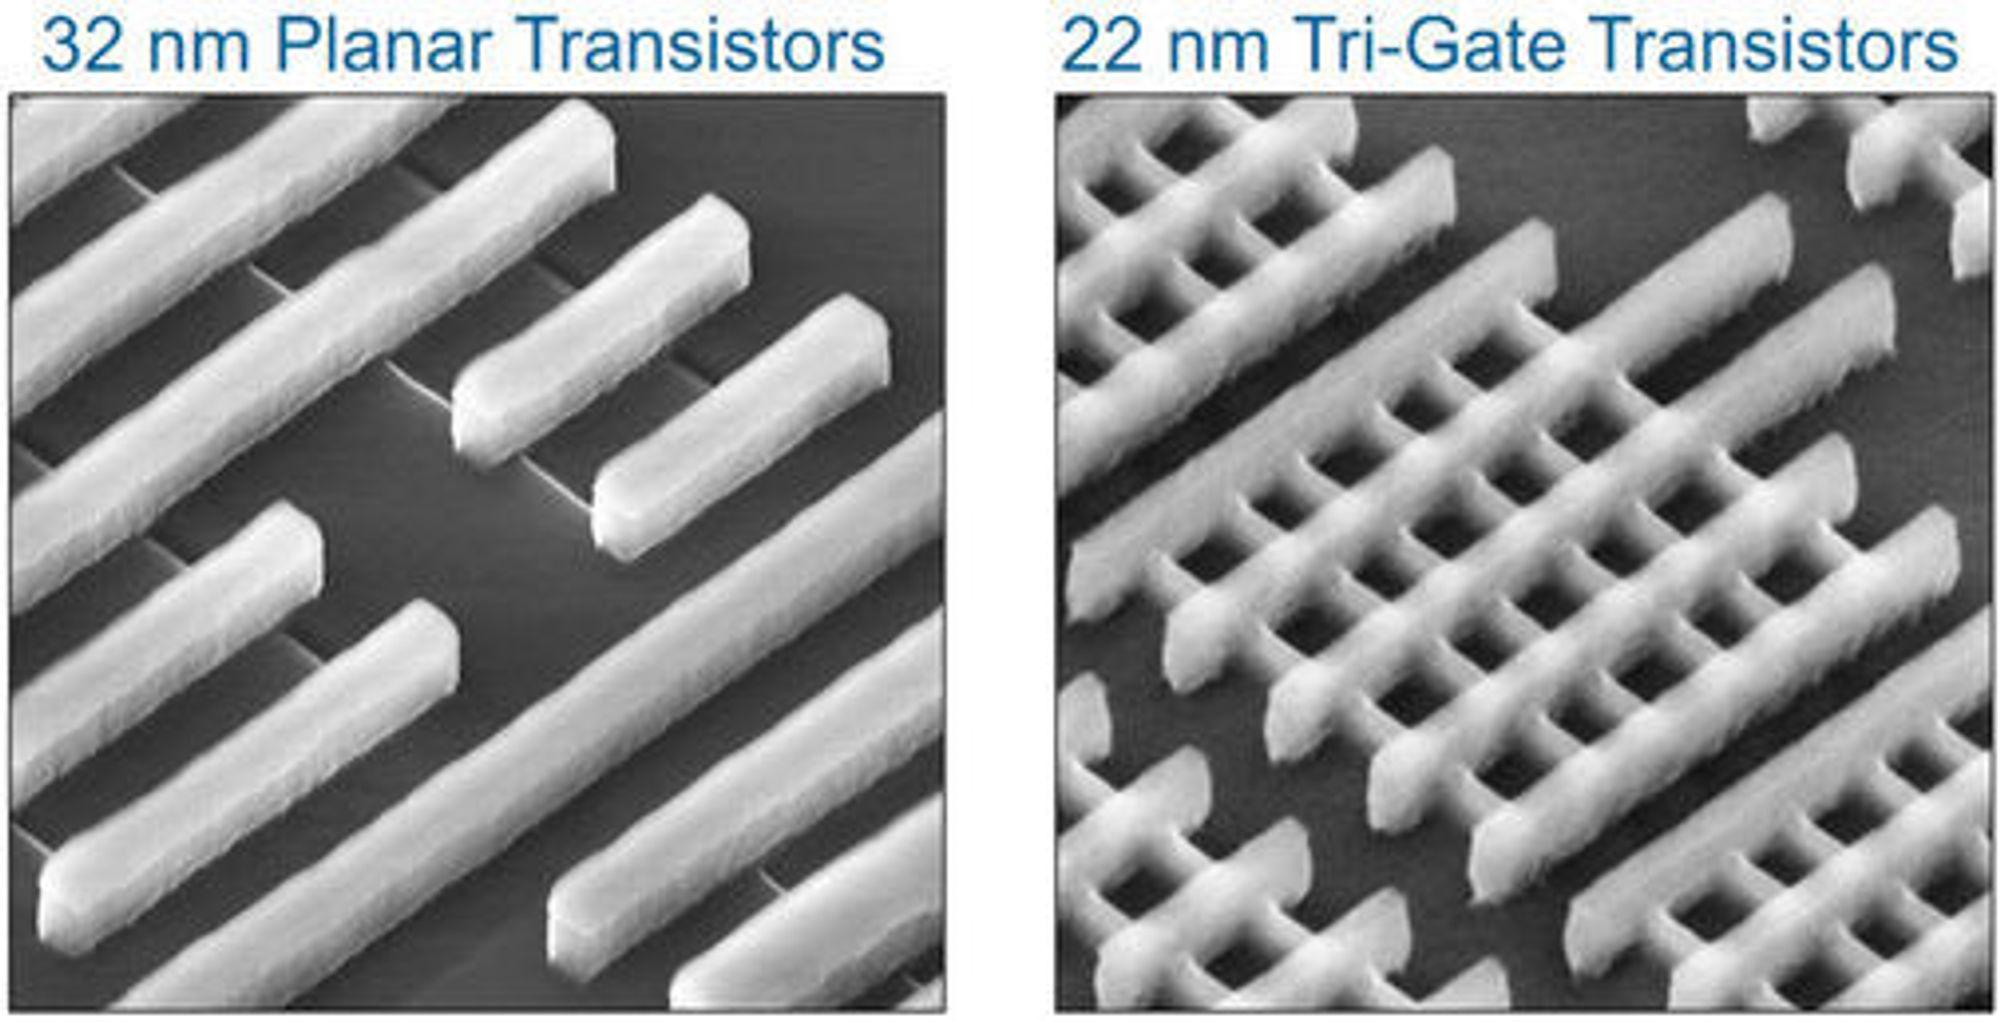 Mikroskopbilde av 32 nm planartransistorer og 22 nm Tri-Gate-transistorer. I bildet til høyre går portene fra nederst til venstre og opp mot høyre, mens finnene går fra øverst til venstre og mot det nederste, høyre hjørnet.